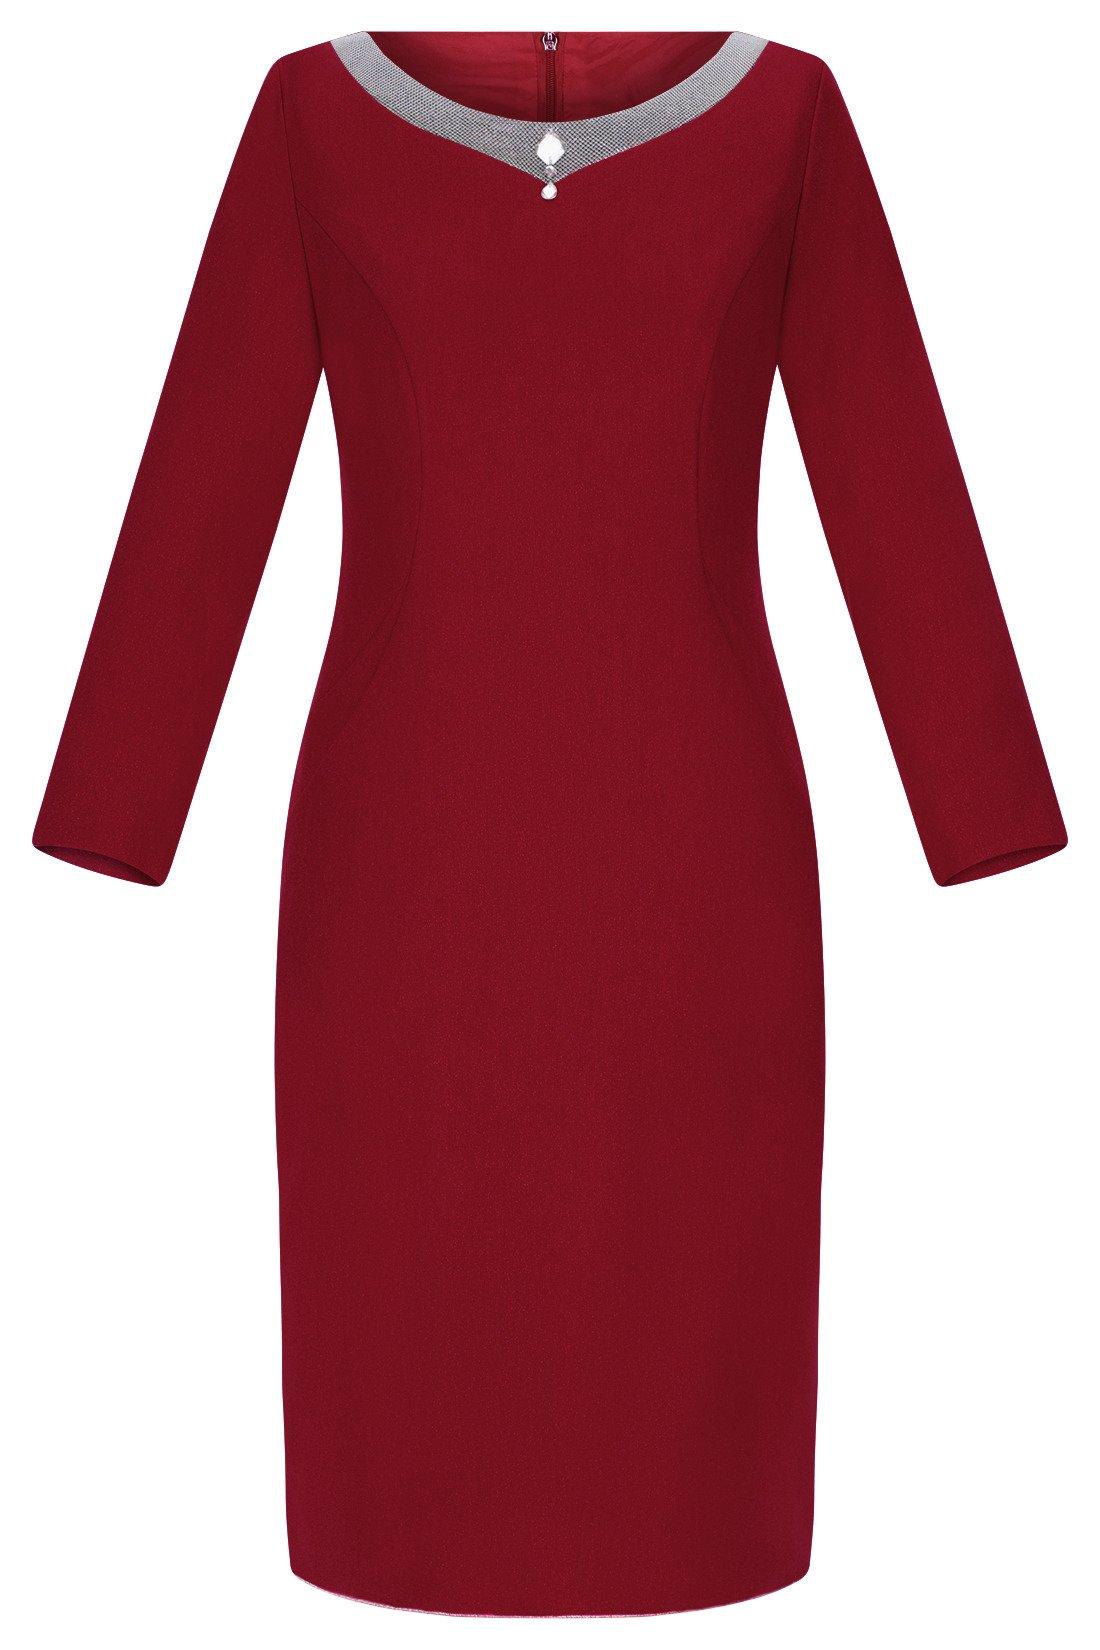 cb185a73f8 Elegancka odzież damska wyprzedaż ikea promocje wrocław